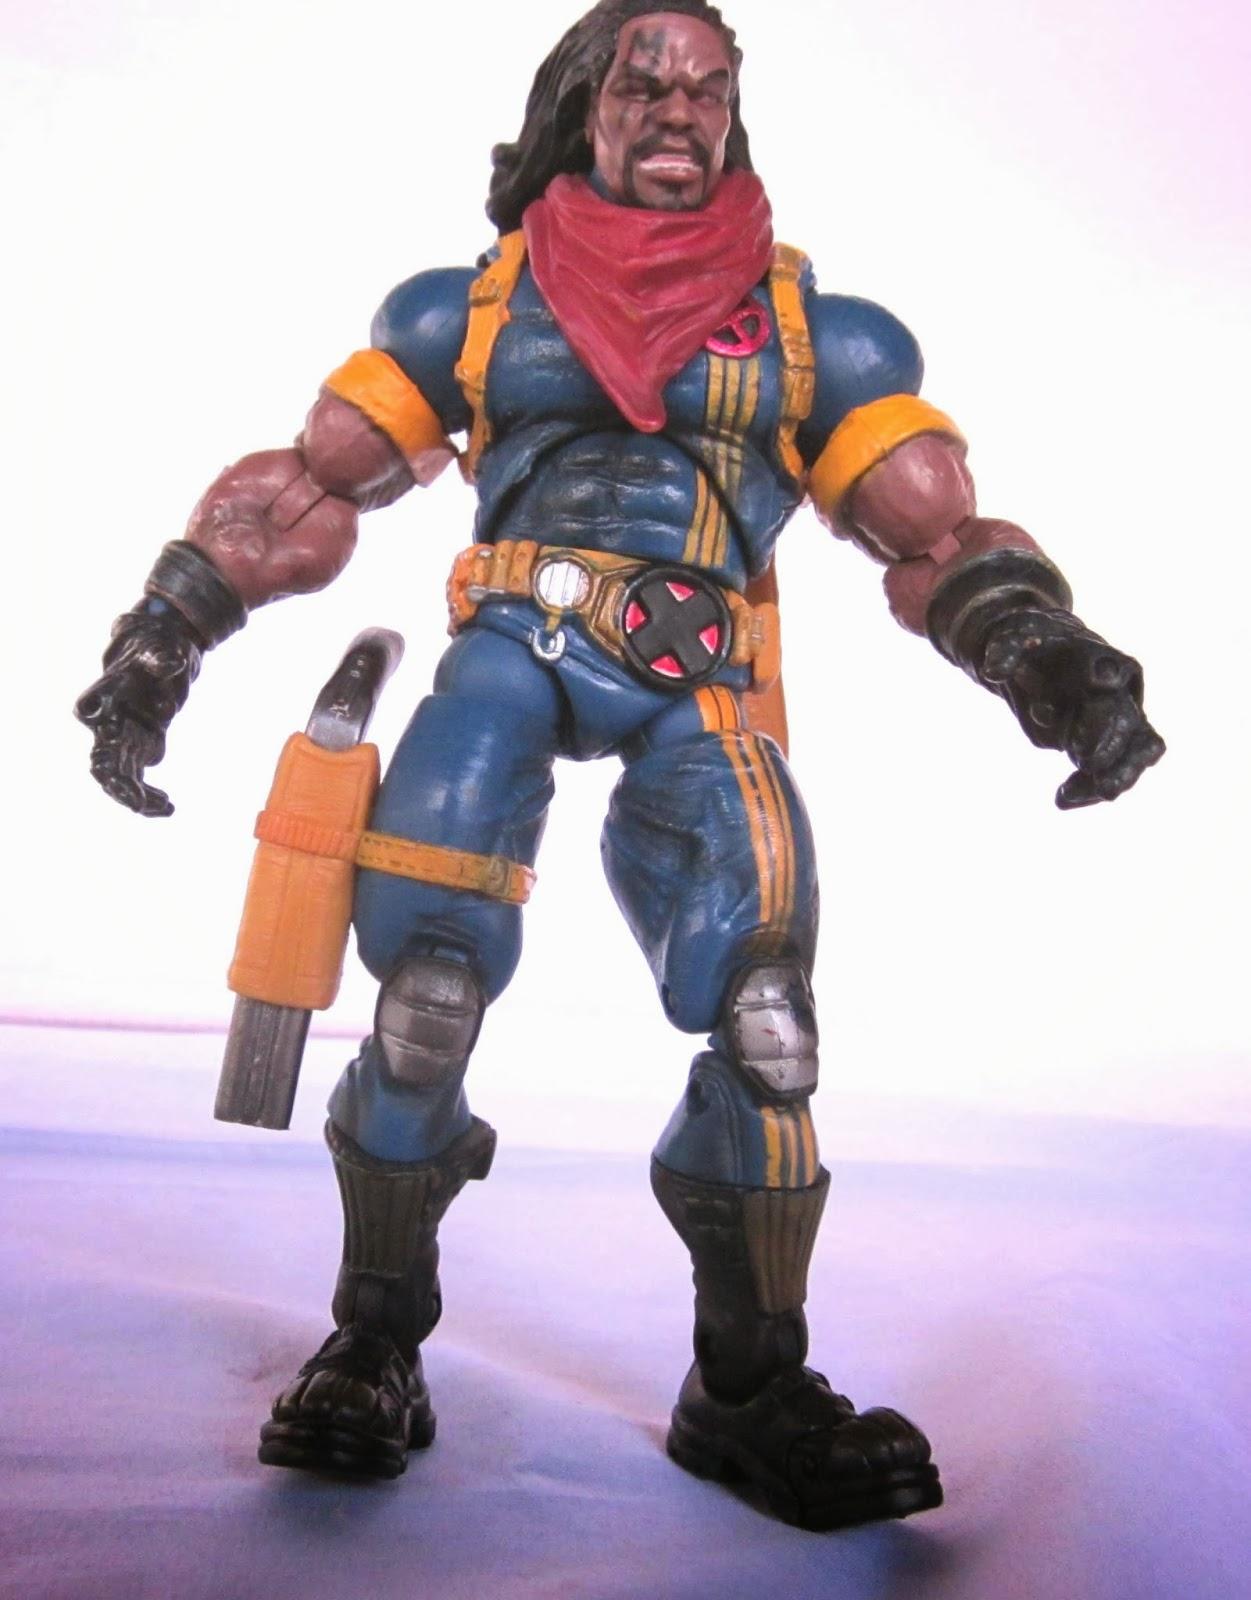 The Toypreneur's Heaven: X-Men Bishop Action Figure